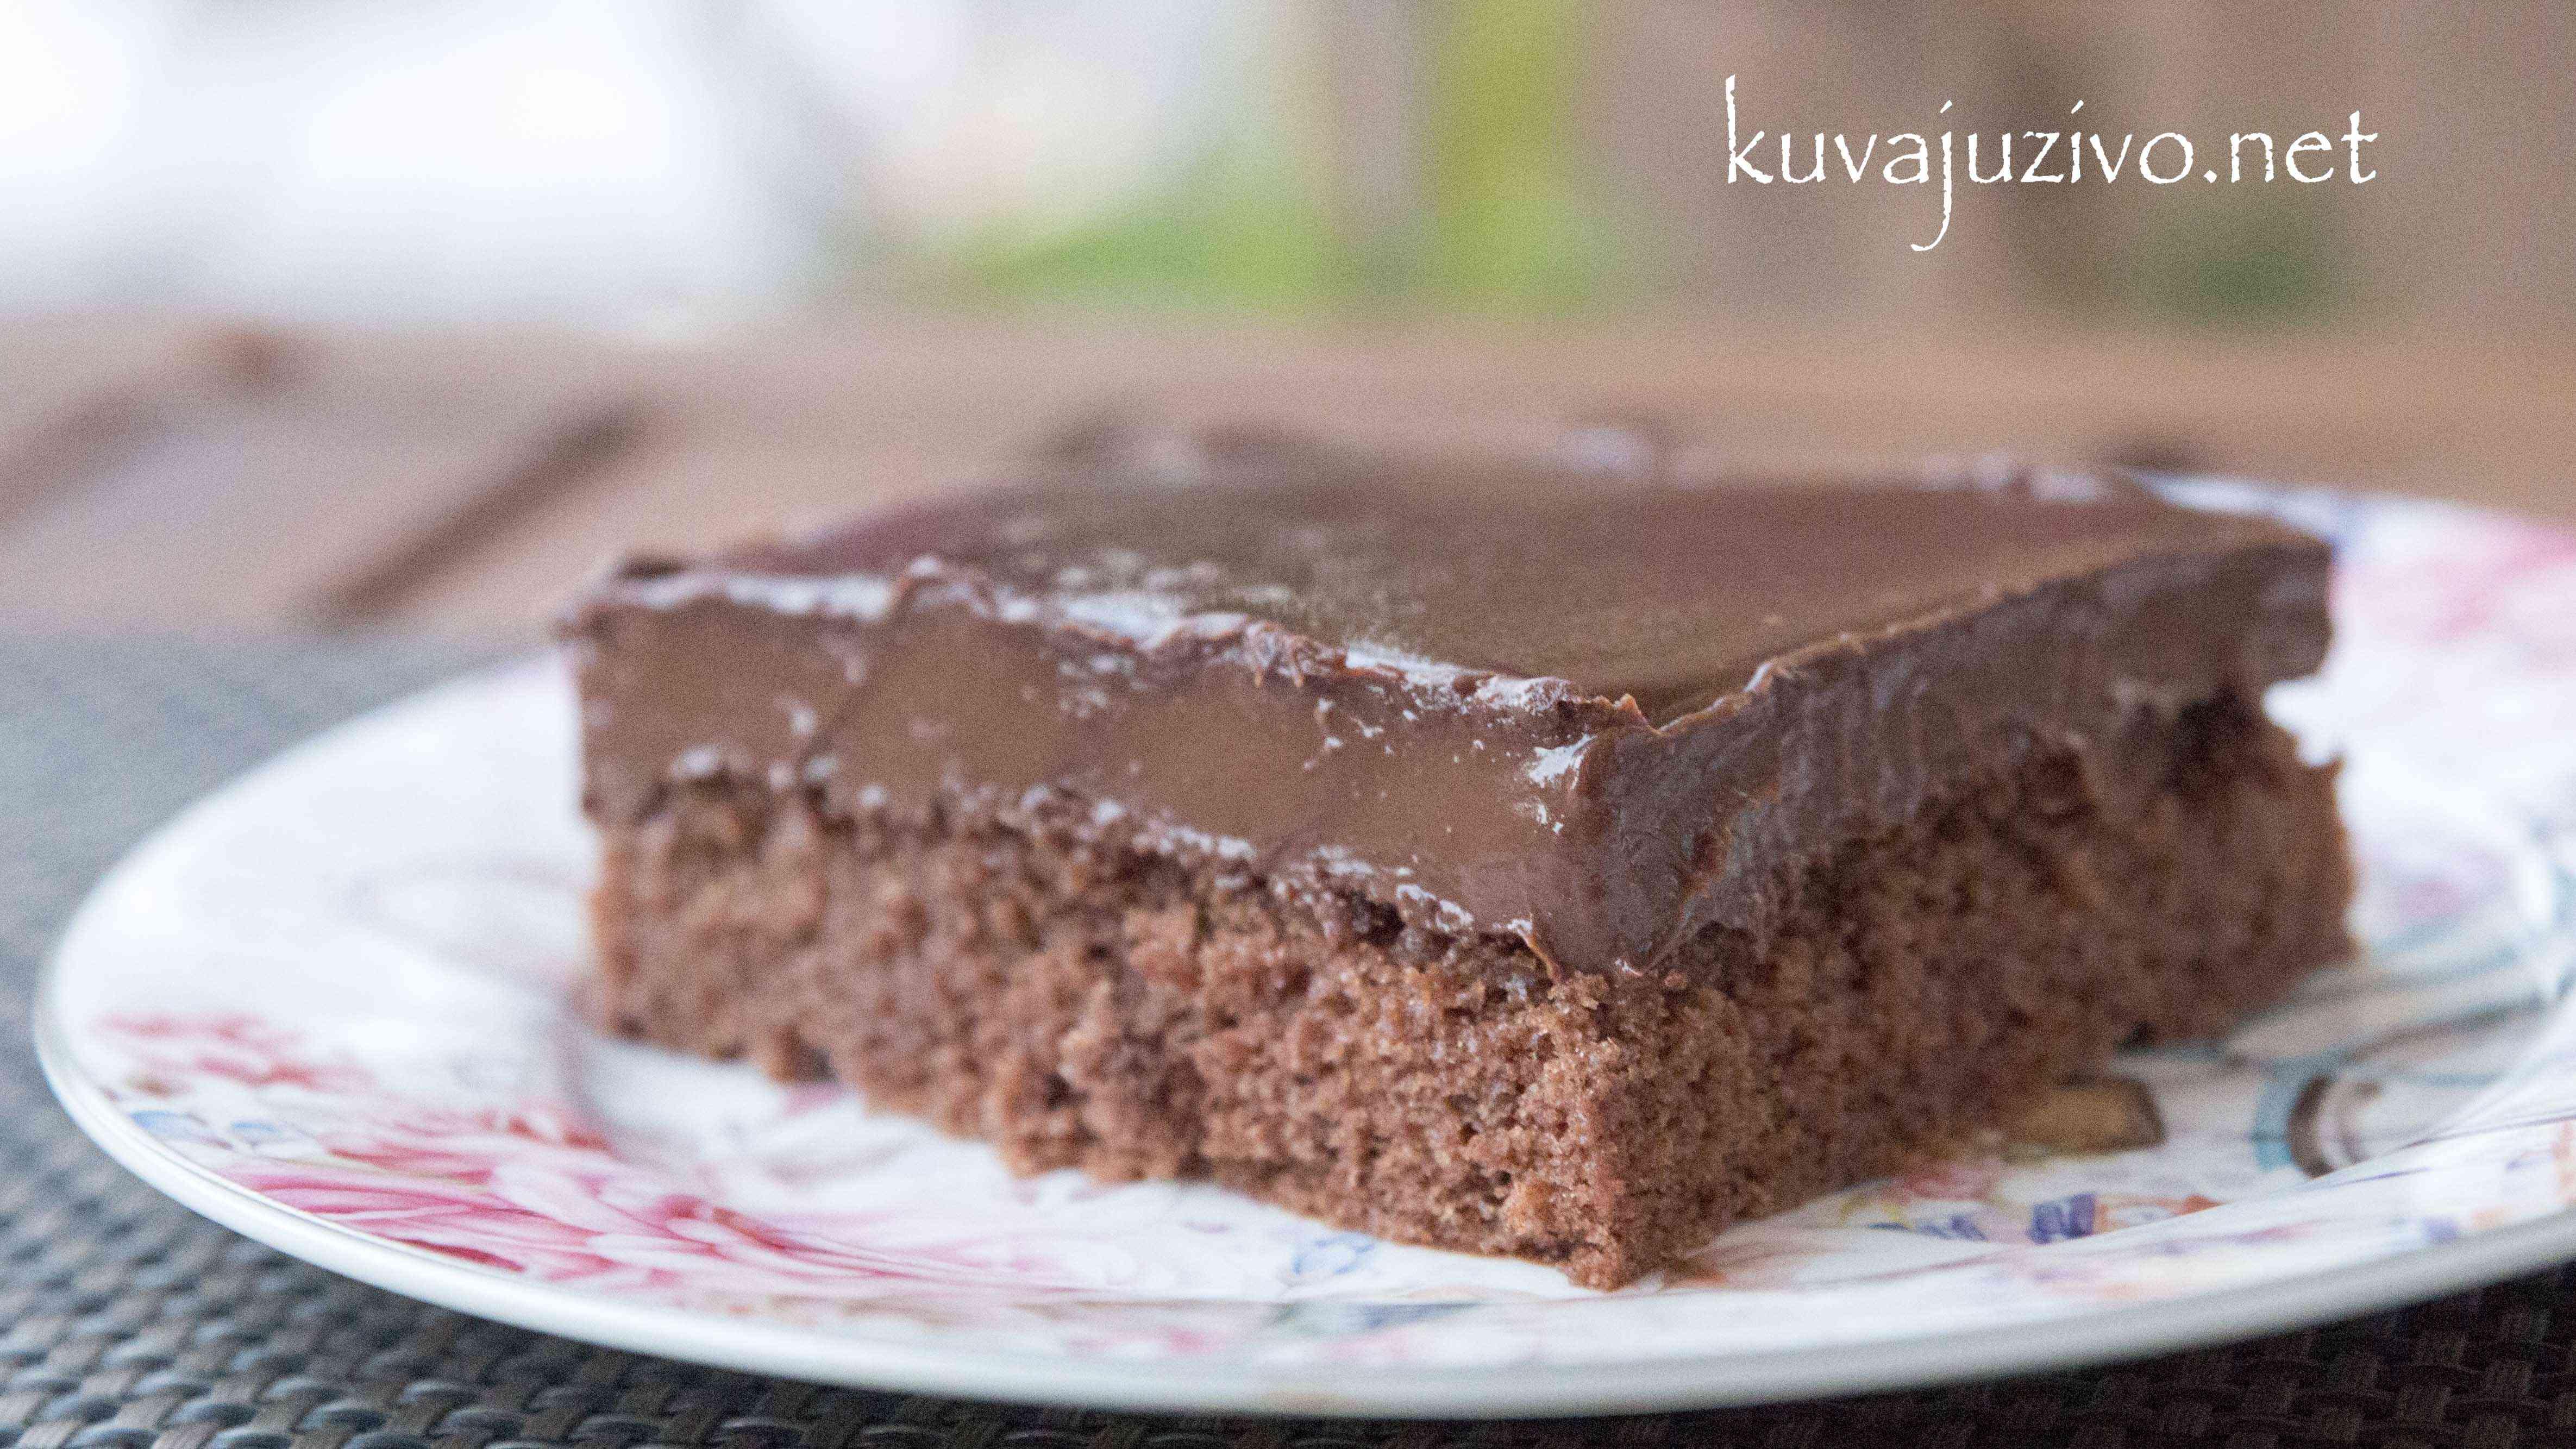 <P>Čokoladni kolač</P>